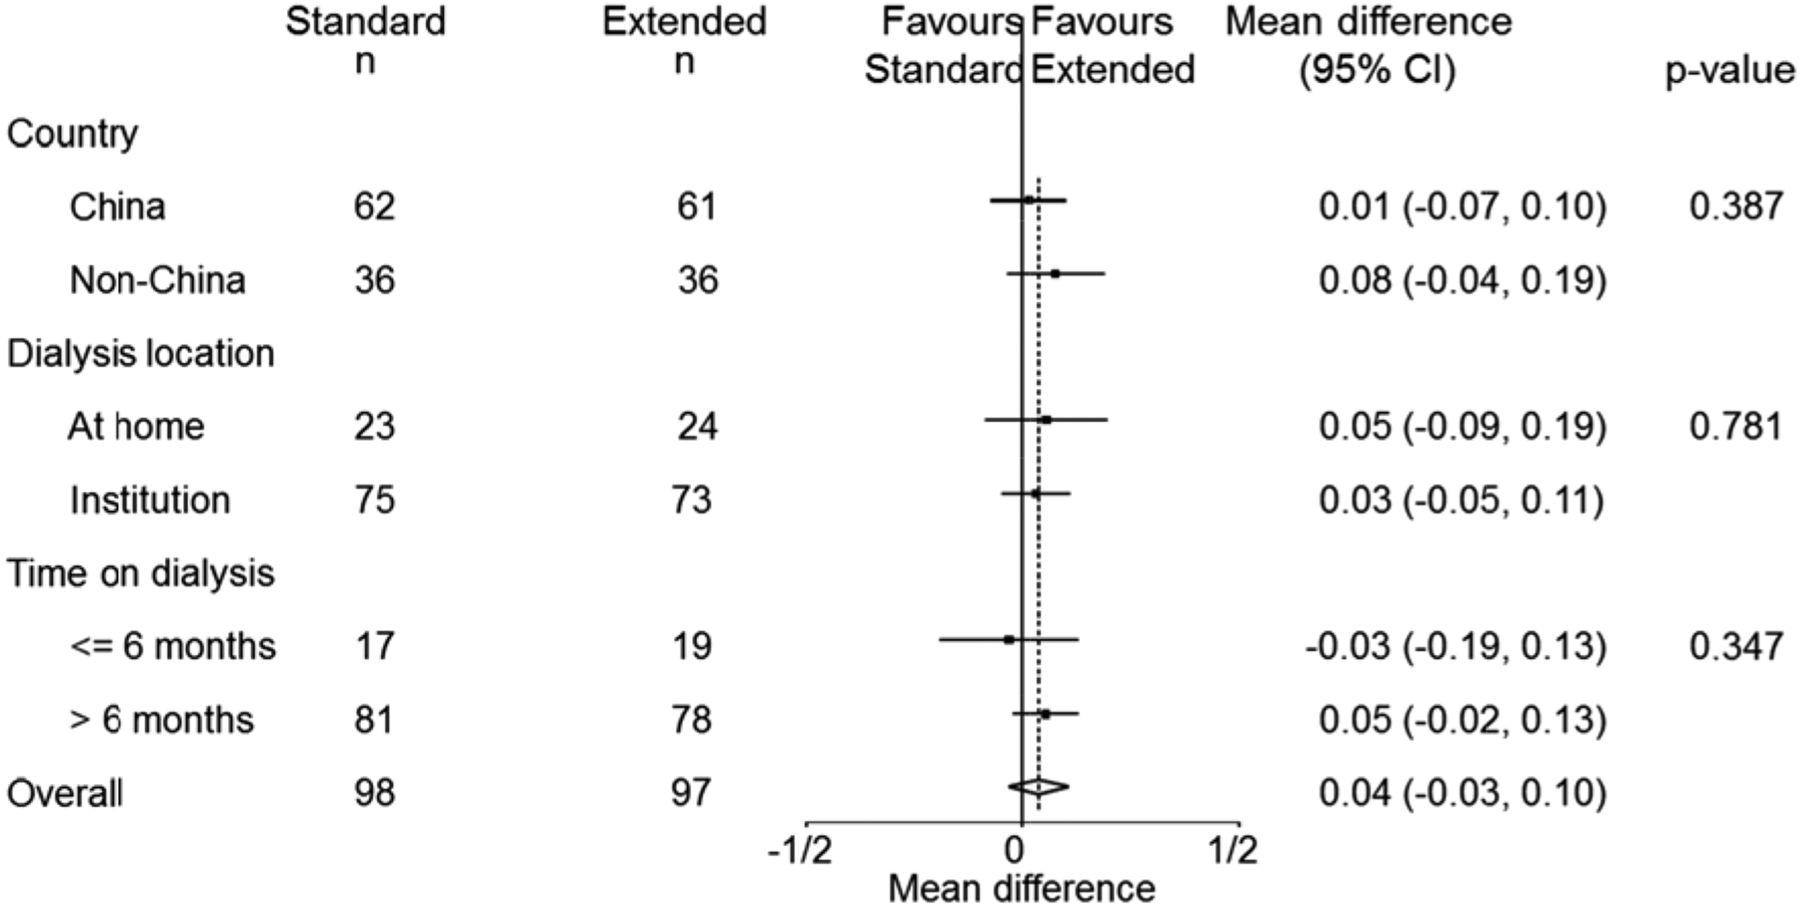 figure 4 from Jardine et al, JASN 2017